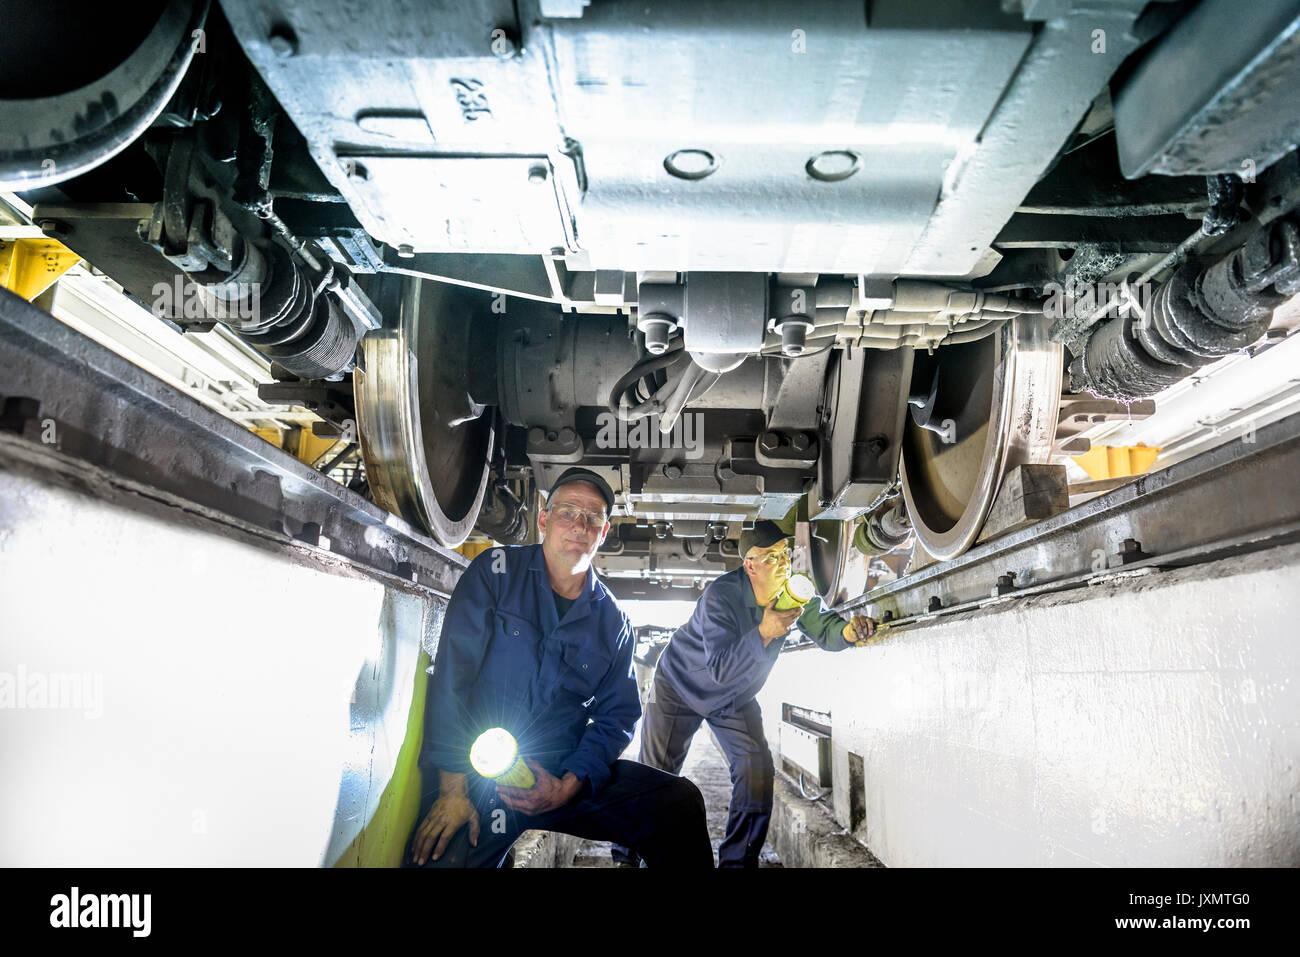 Maquinistas de inspeccionar la parte inferior de la locomotora en obras del tren Imagen De Stock